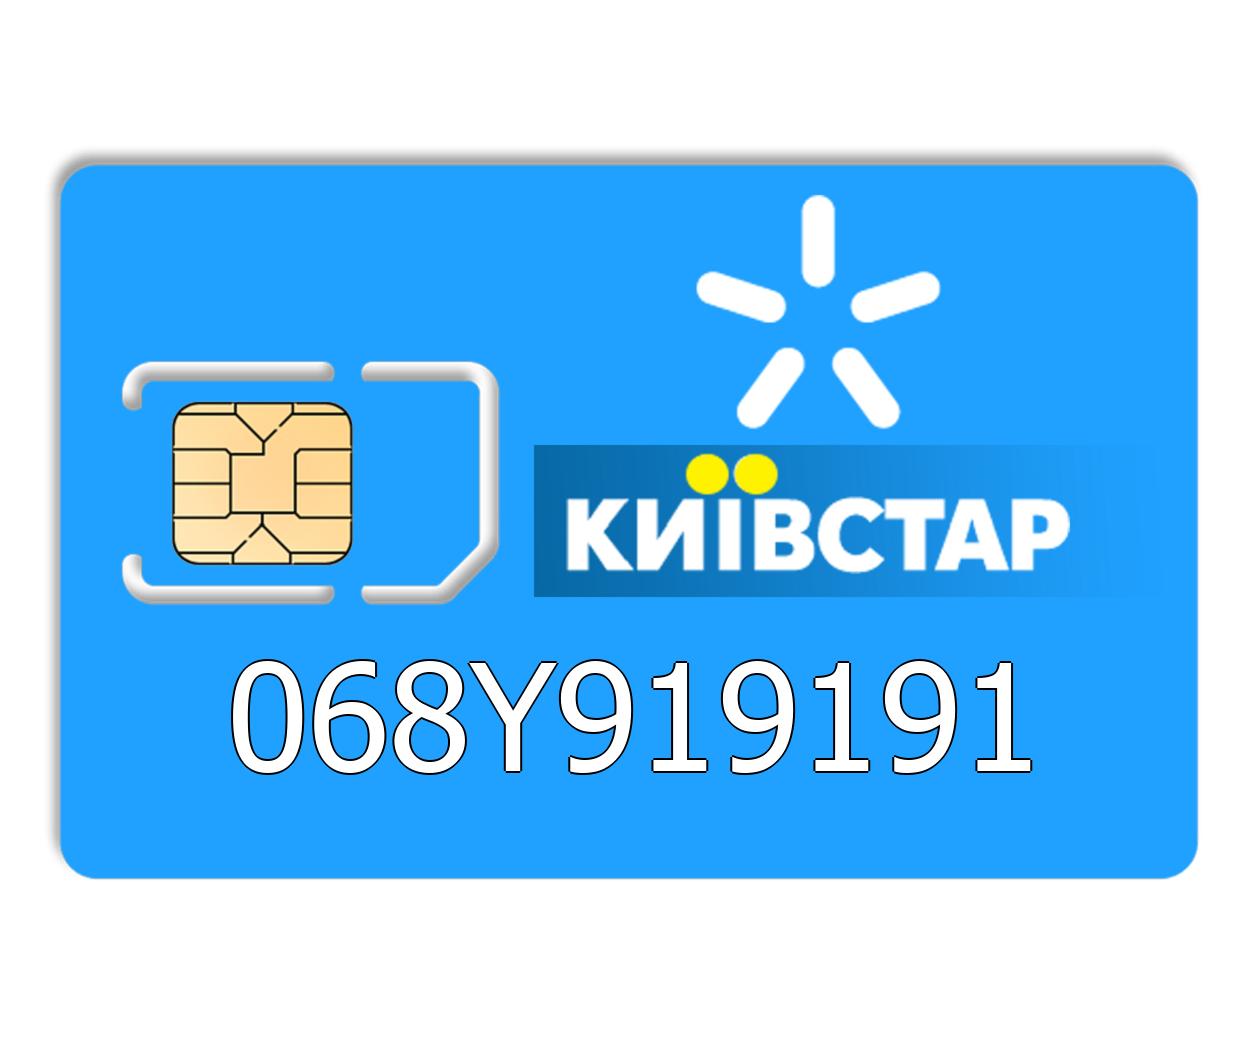 Красивый номер Киевстар 068Y919191